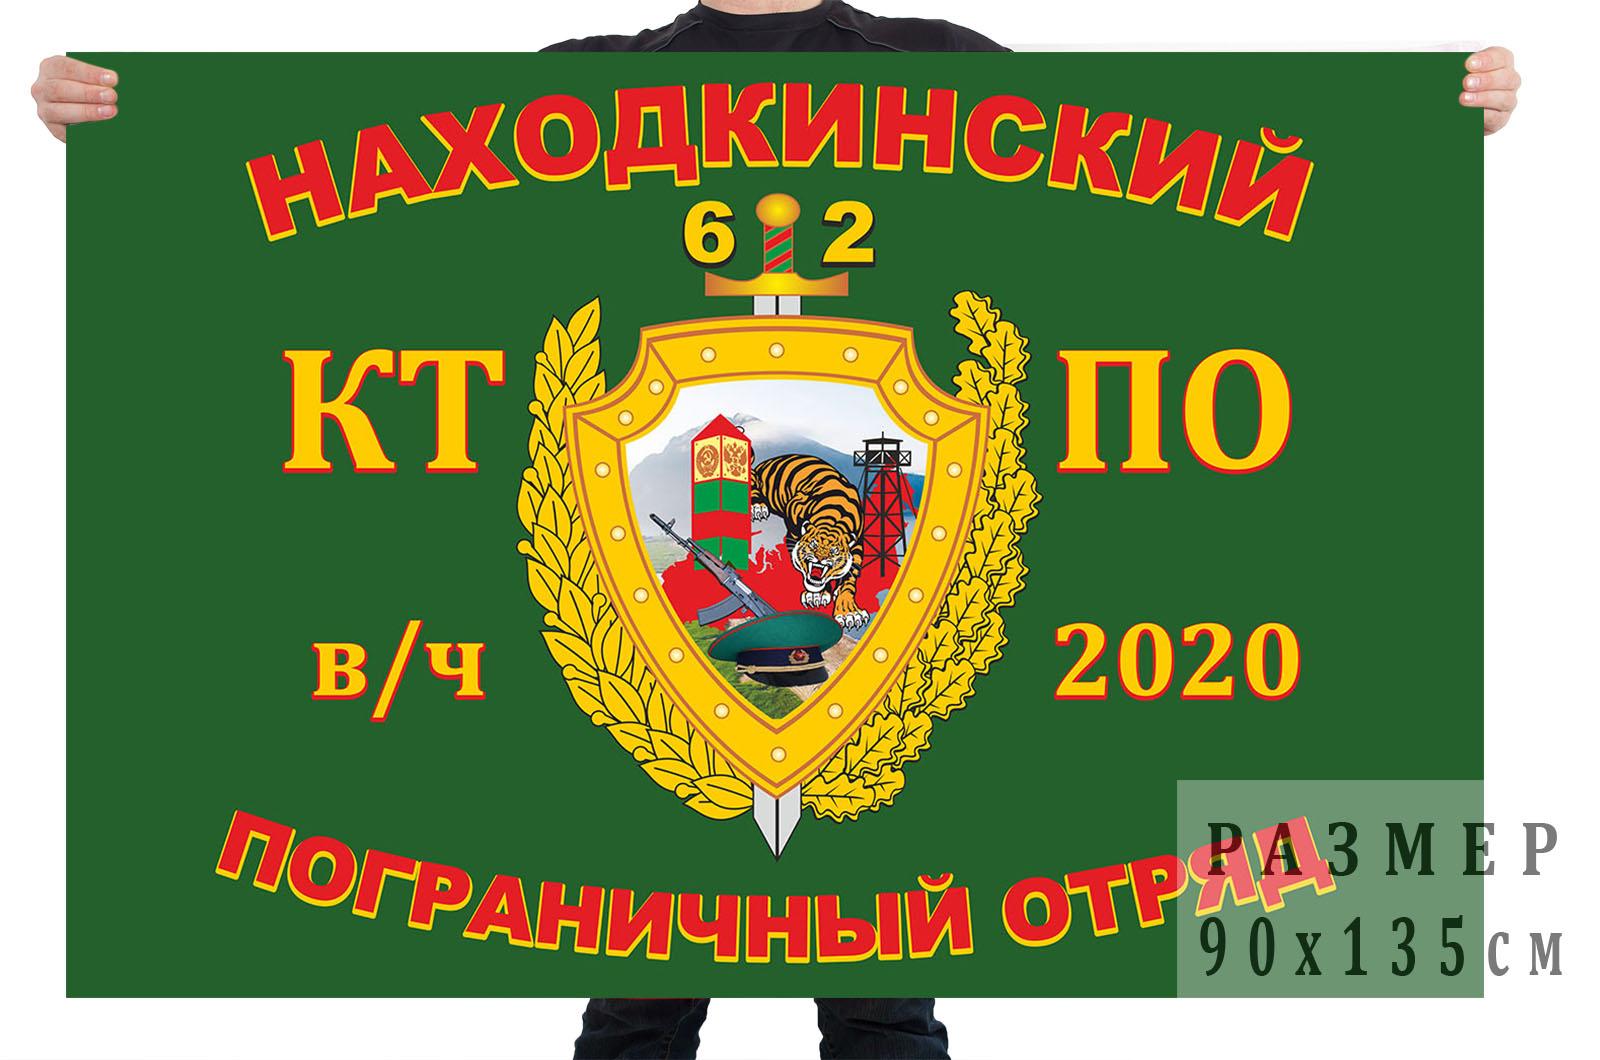 Флаг «62-й Находкинский пограничный отряд. В/ч 2020»